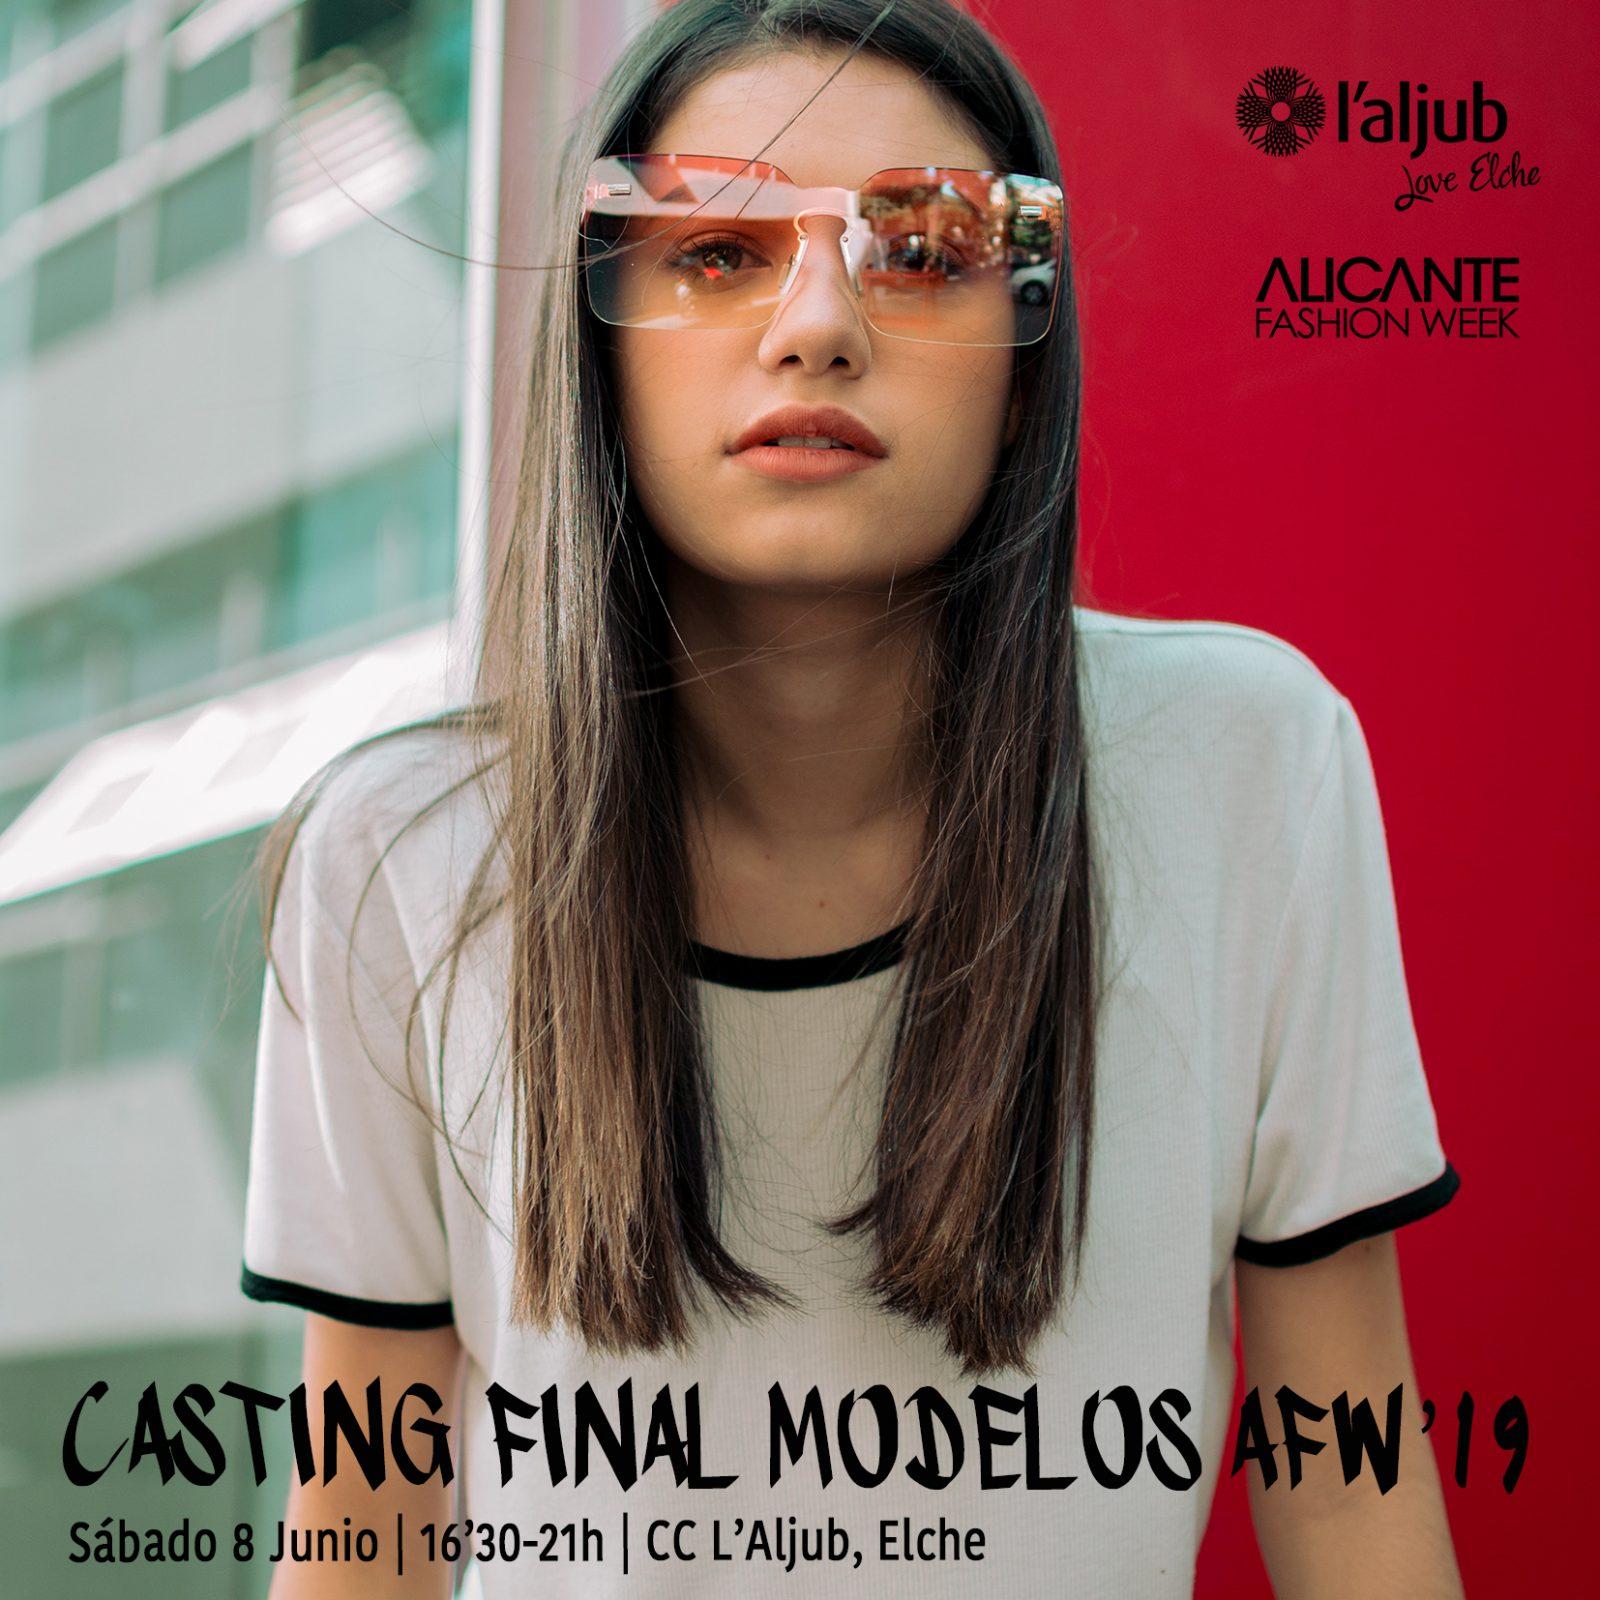 Nueva cita con las 'New Faces' de Alicante Fashion Week 2019 en el Centro Comercial L ́Aljub